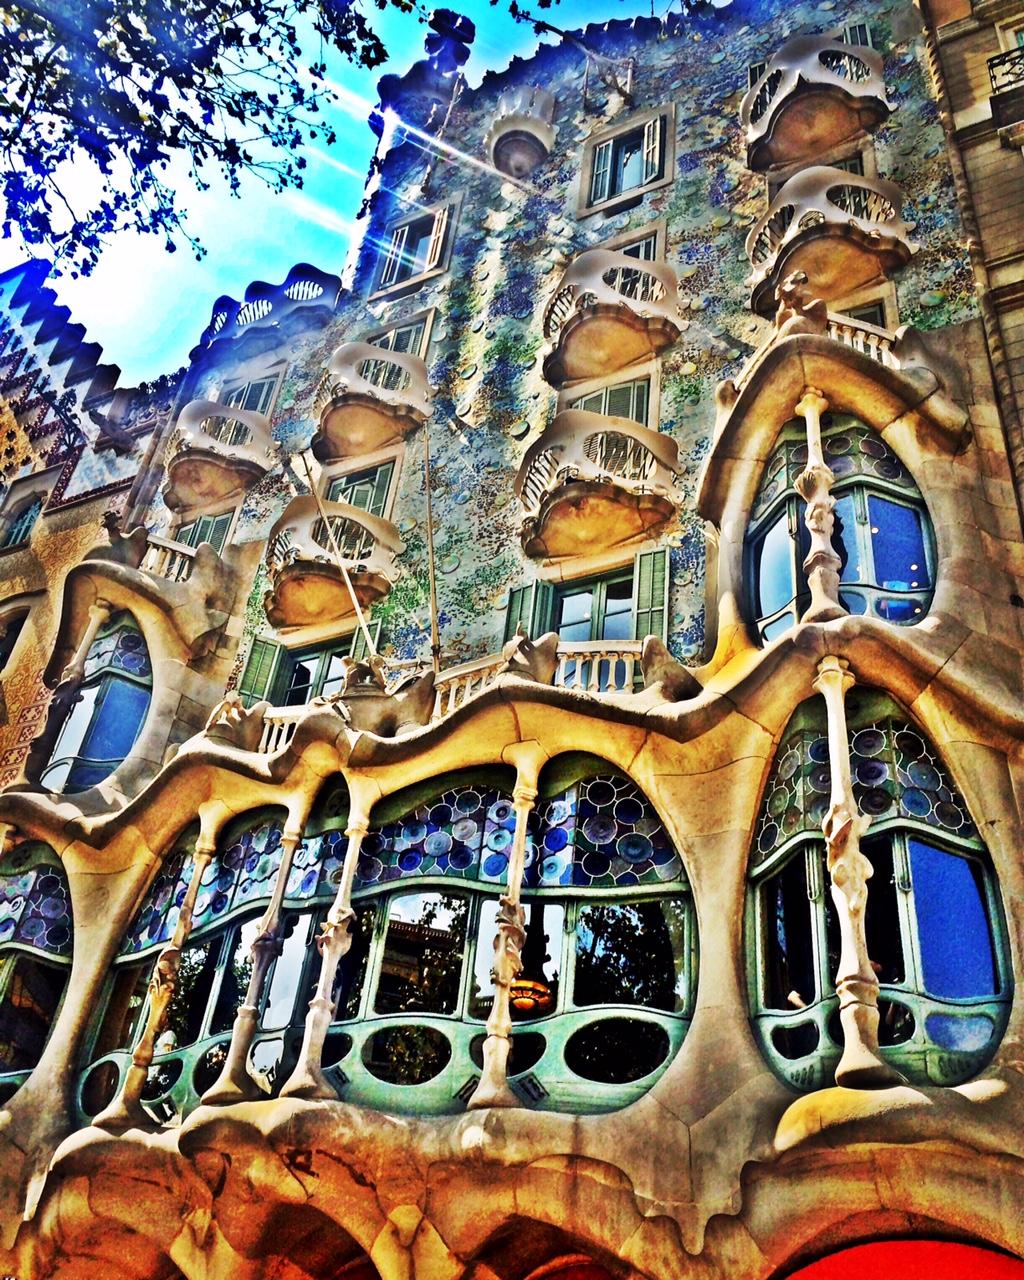 Onuncukoyyolcusu barcelona gezi rehberi casa battlo - Casas de gaudi ...